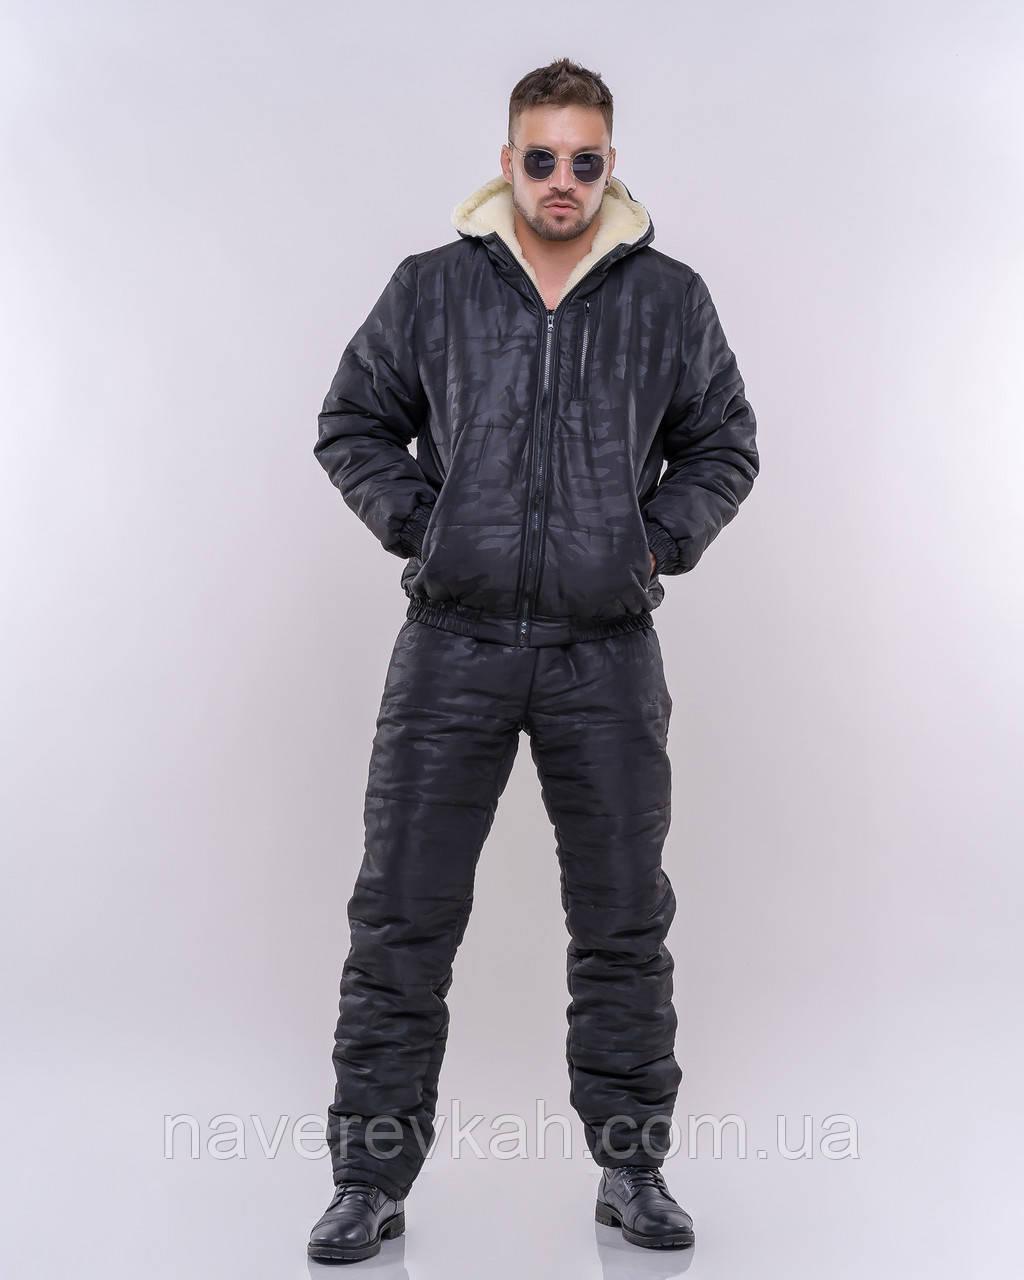 Мужской зимний теплый спортивный костюм плащевка на силиконе черный 44 46 48 50 52